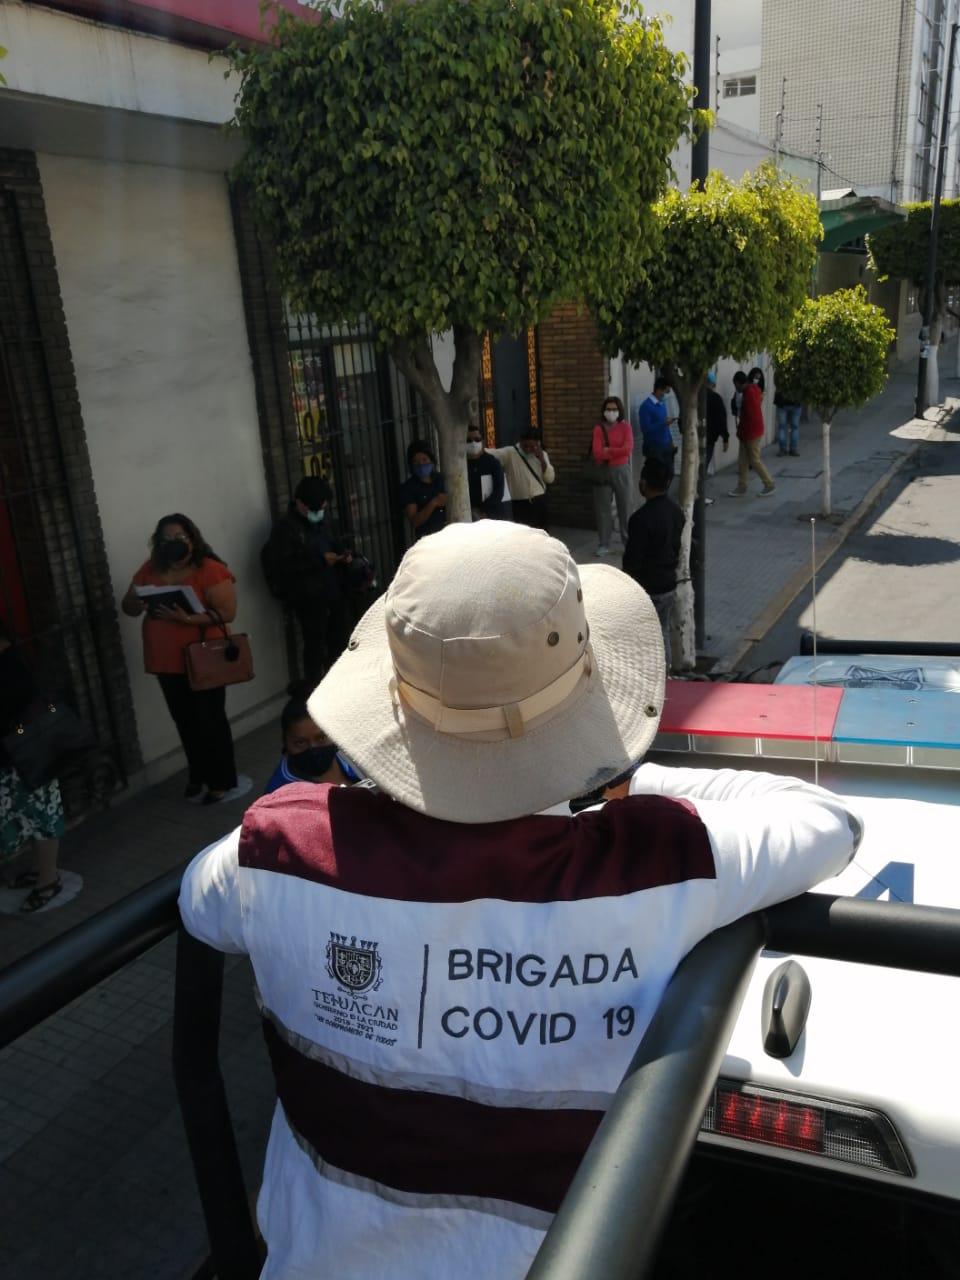 brigada6-min